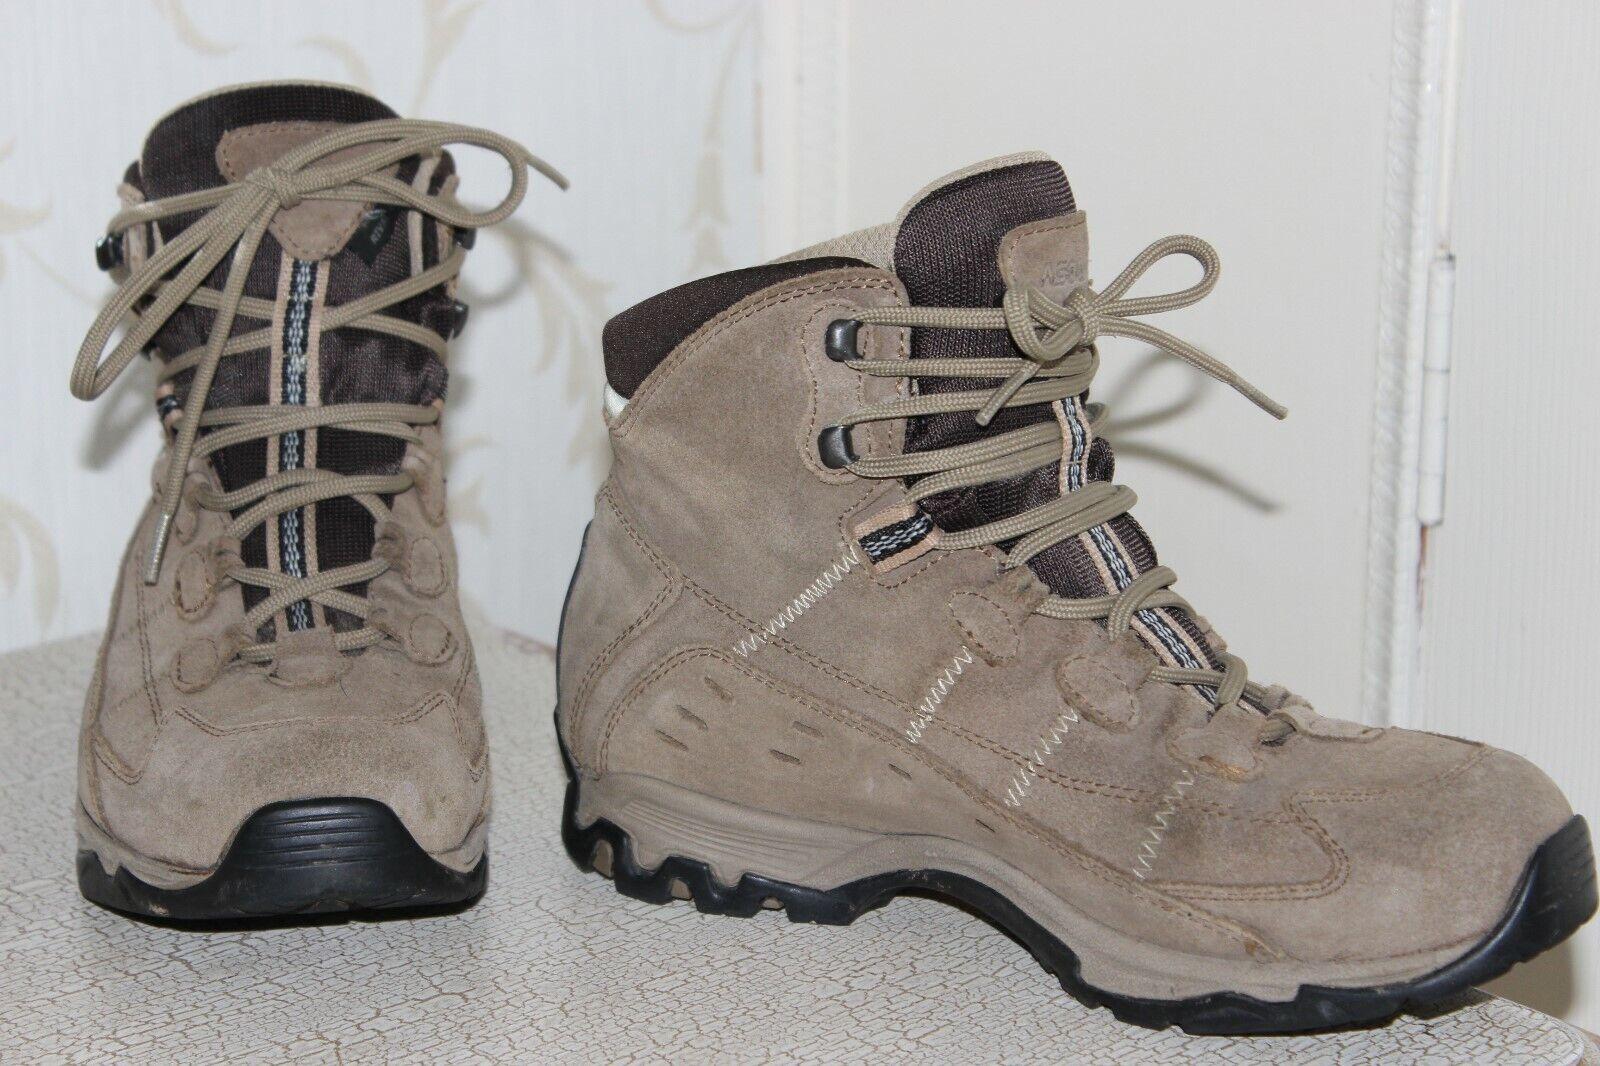 GORETEX Sandy Marronee Genuine Suede  Ladies Walking stivali Dimensione 5.5  classico senza tempo